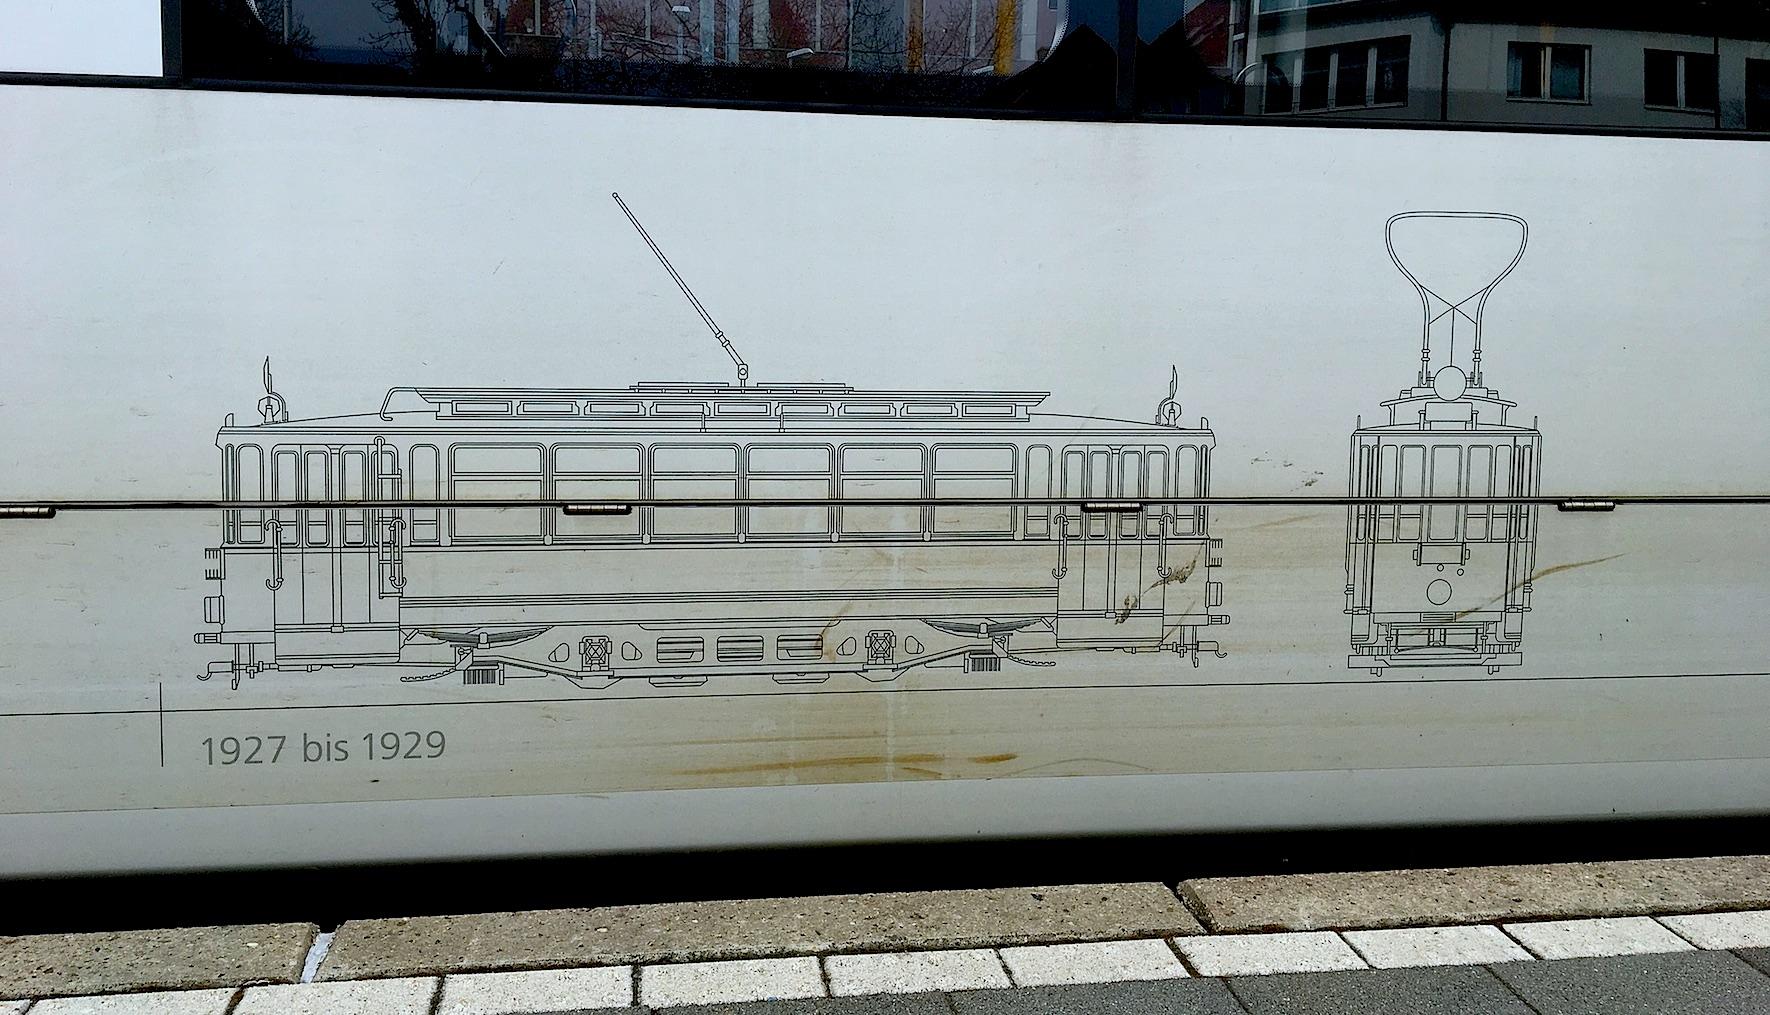 17 марта 2017. Внешнее оформление одного из дюссельдорфских трамваев.